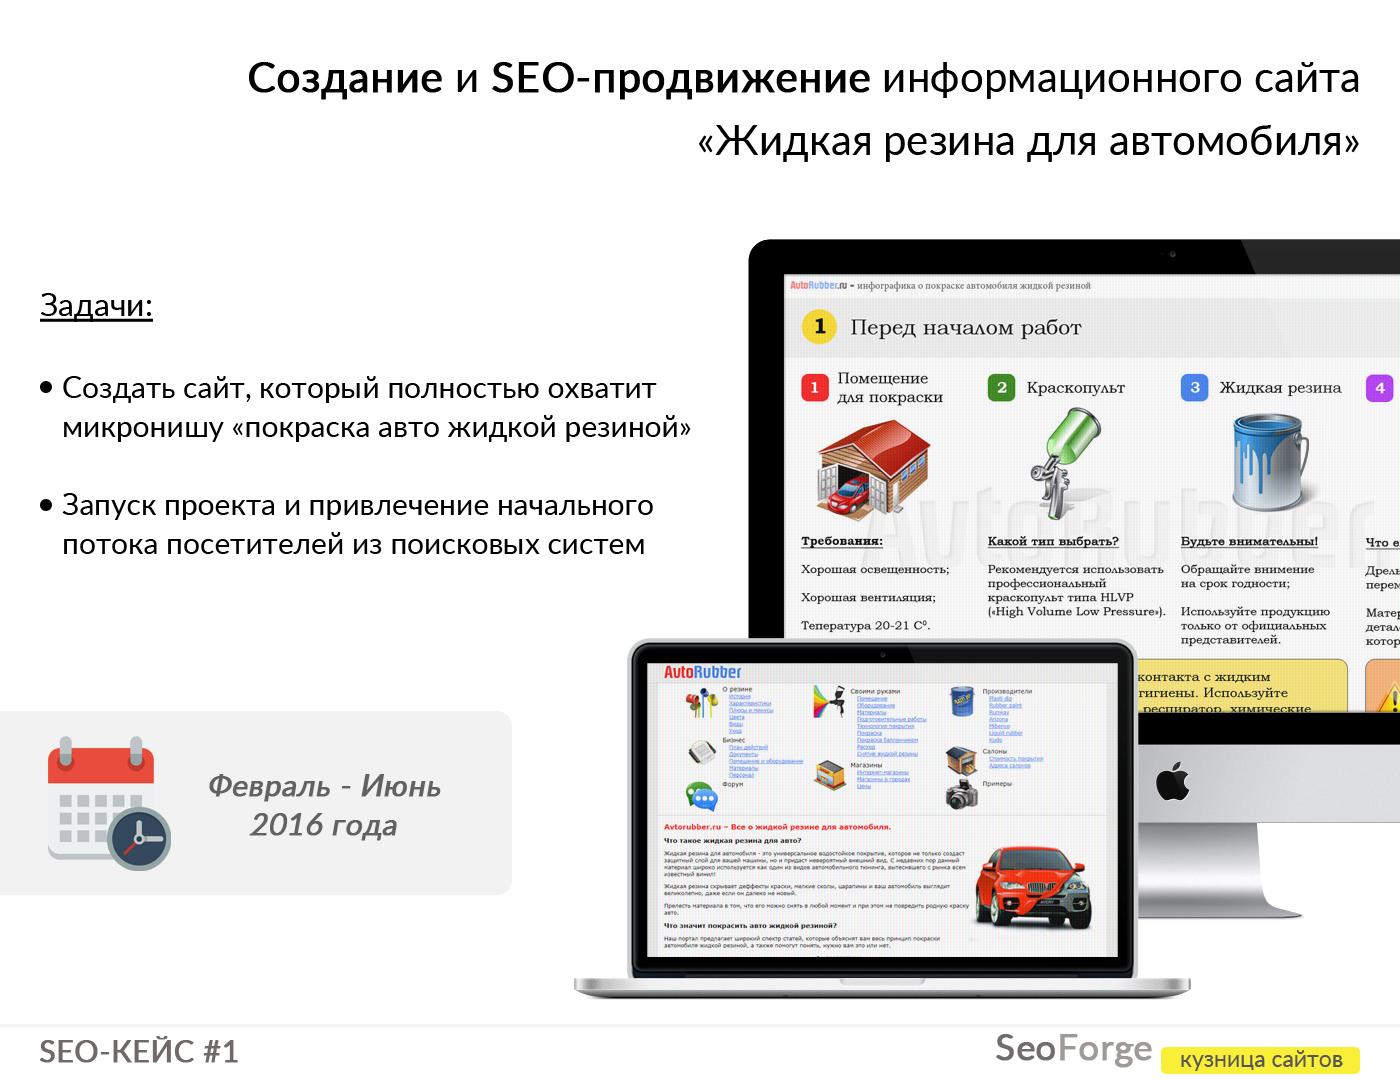 Кейс: «Создание и SEO-продвижение информационного узконишевого сайта с нуля до 3000 посетителей в сезон»